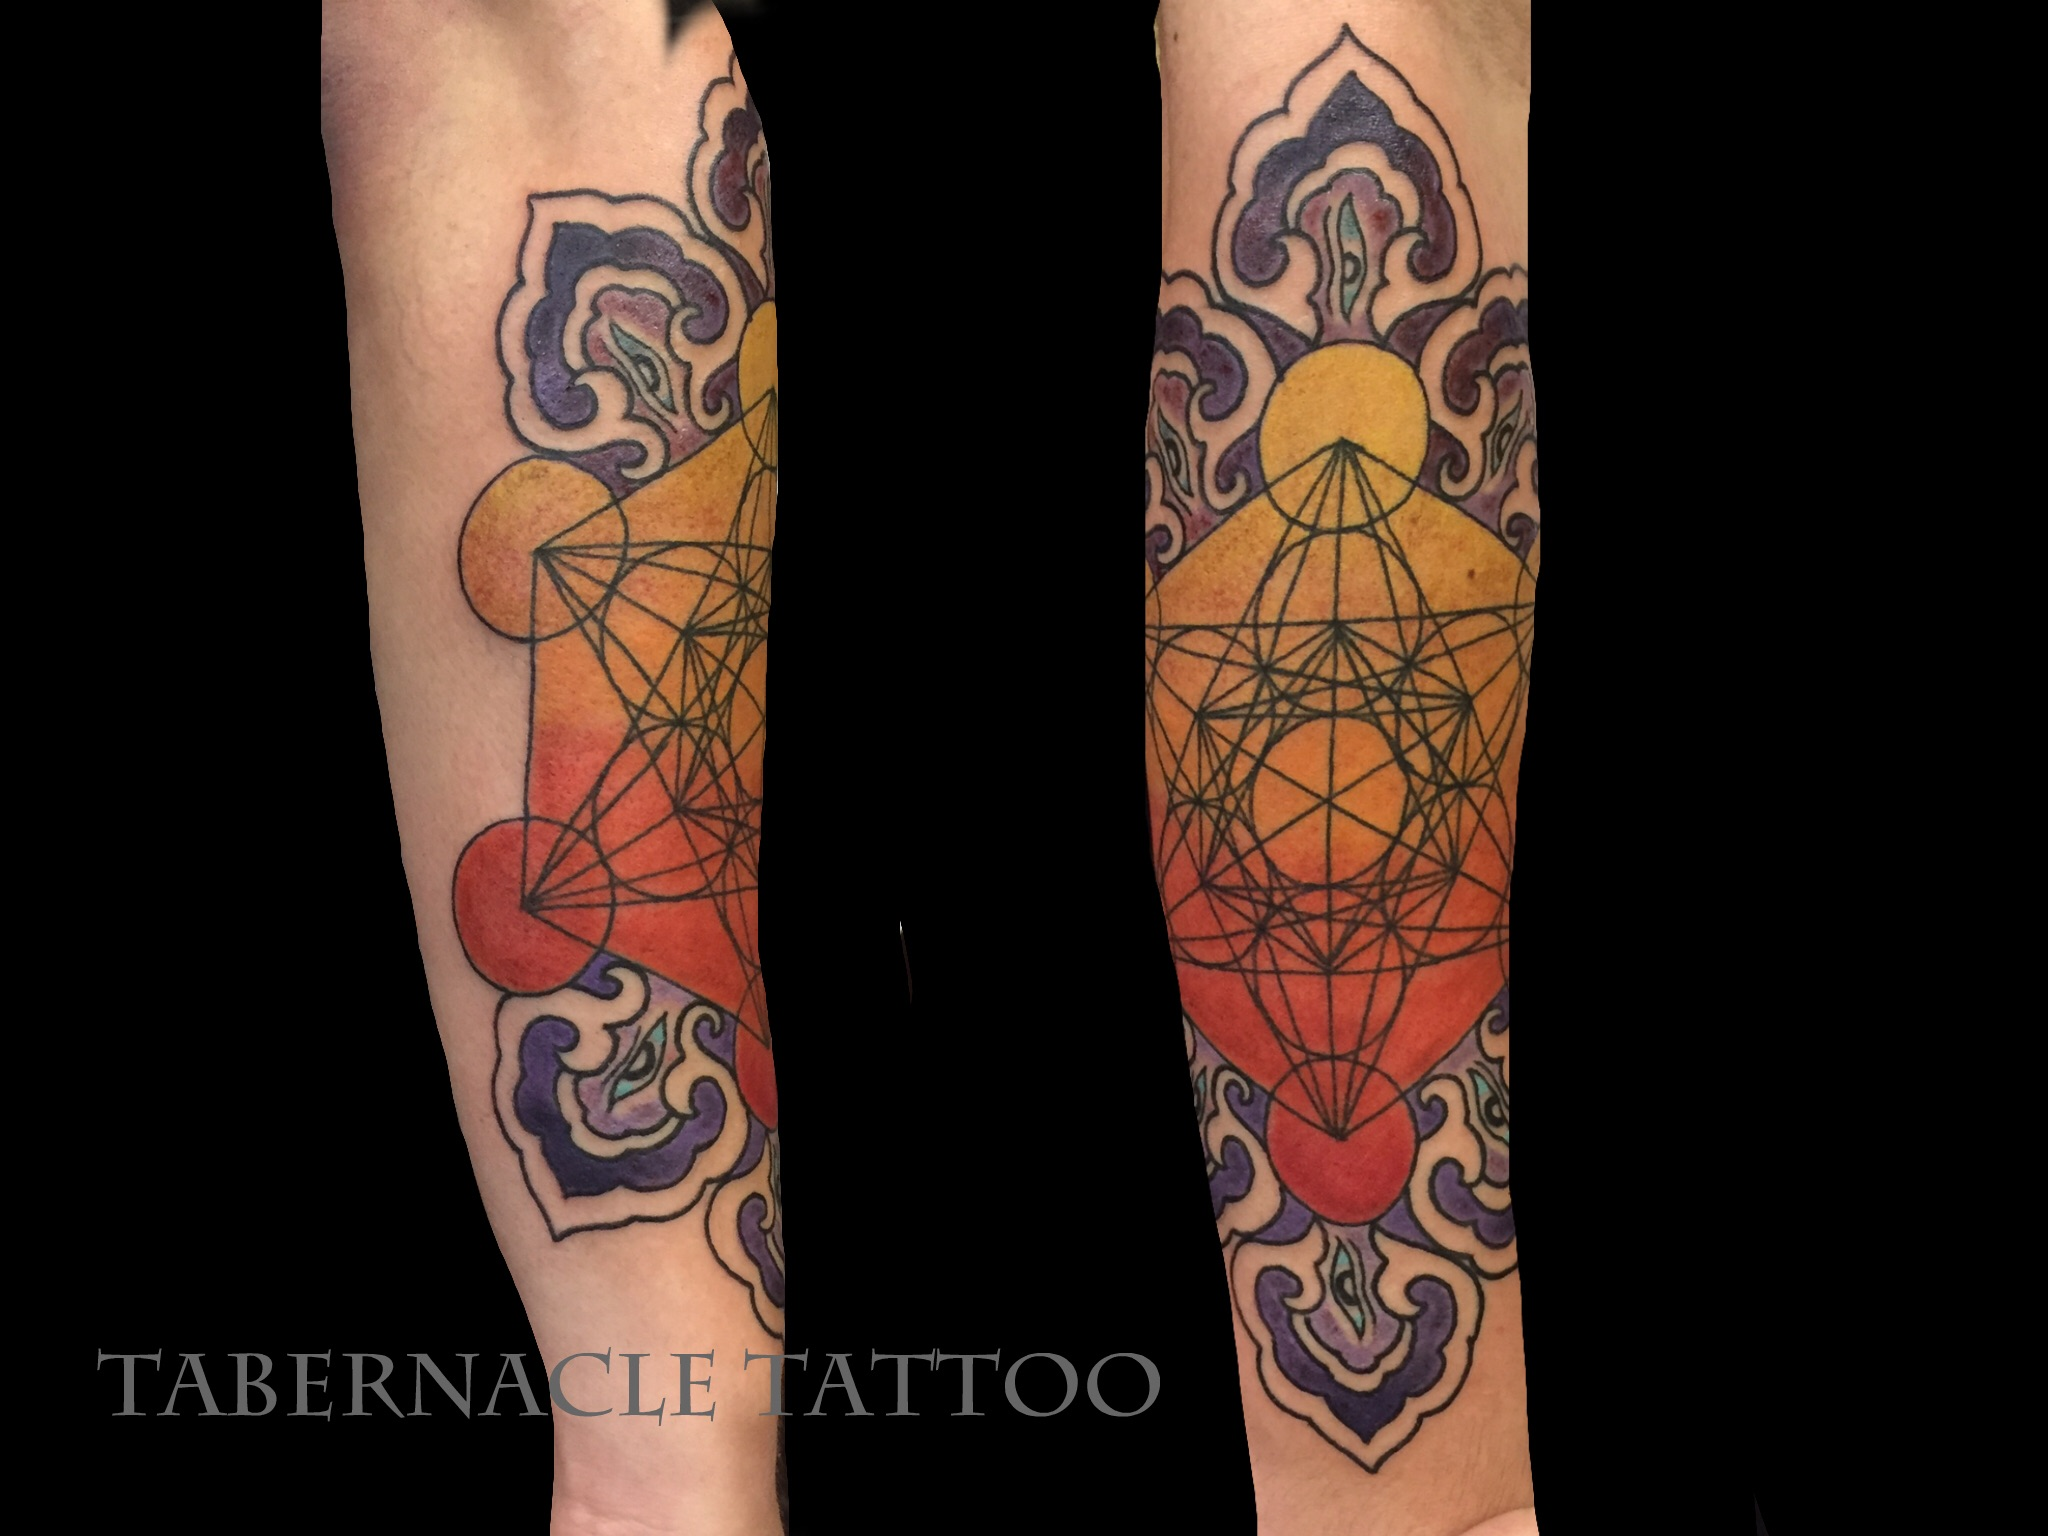 Geometric tattoo artist